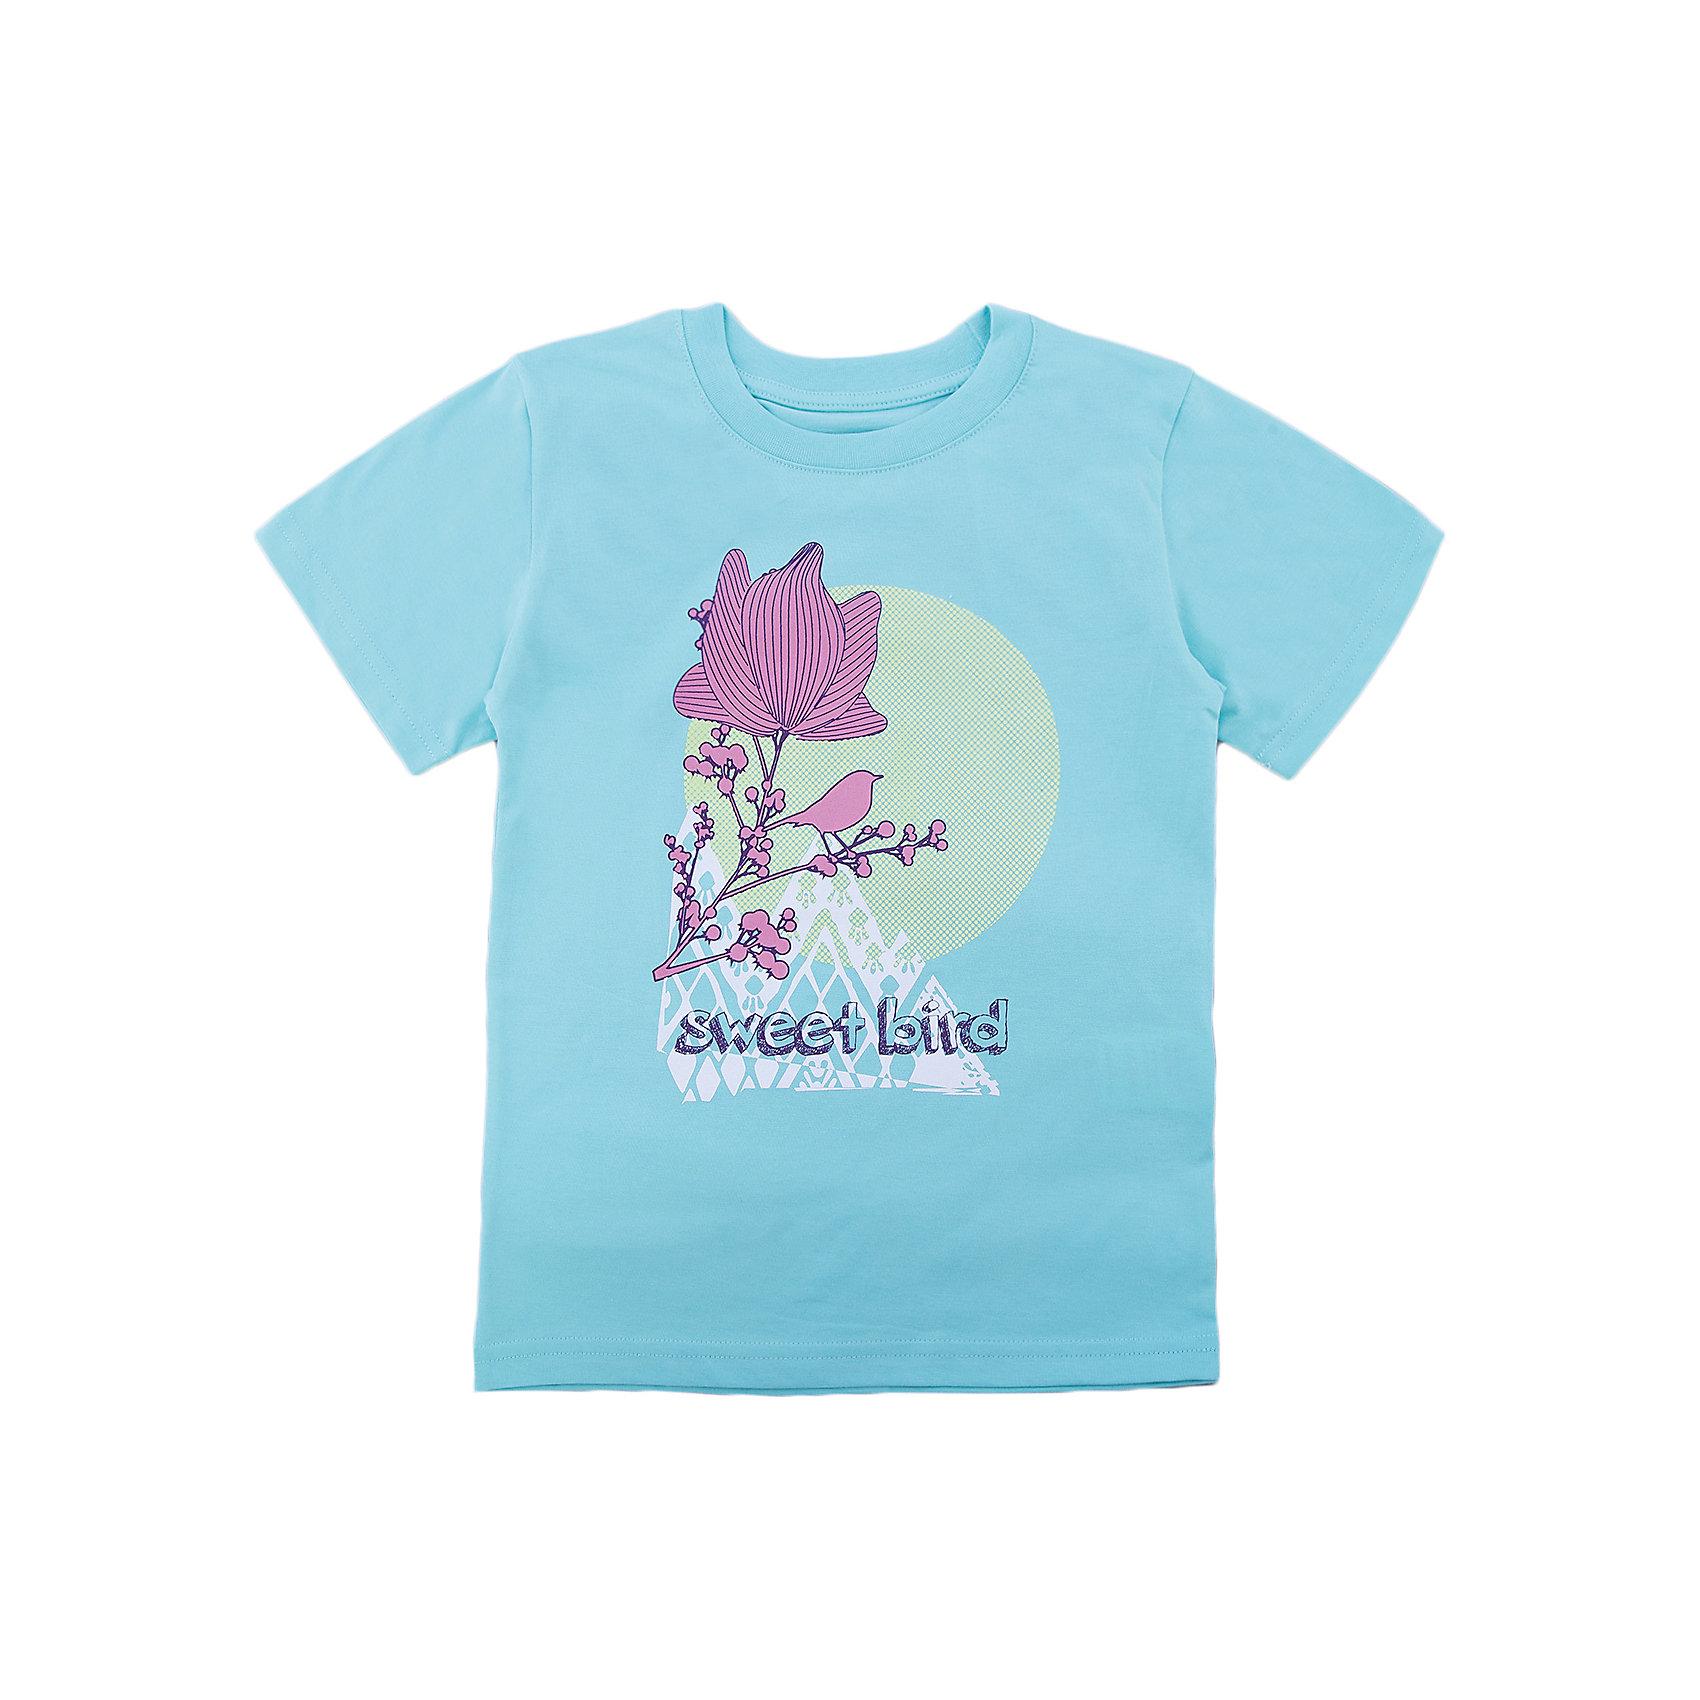 Футболка для девочки WOWФутболки, поло и топы<br>Футболка для девочки WOW<br>Незаменимой вещью в  гардеробе послужит футболка с коротким рукавом. Стильная и в тоже время комфортная модель, с яркой оригинальной печатью, будет превосходно смотреться на ребенке.<br>Состав:<br>кулирная гладь 100% хлопок<br><br>Ширина мм: 199<br>Глубина мм: 10<br>Высота мм: 161<br>Вес г: 151<br>Цвет: голубой<br>Возраст от месяцев: 108<br>Возраст до месяцев: 120<br>Пол: Женский<br>Возраст: Детский<br>Размер: 140,146,152,158,164,128,134<br>SKU: 6871795